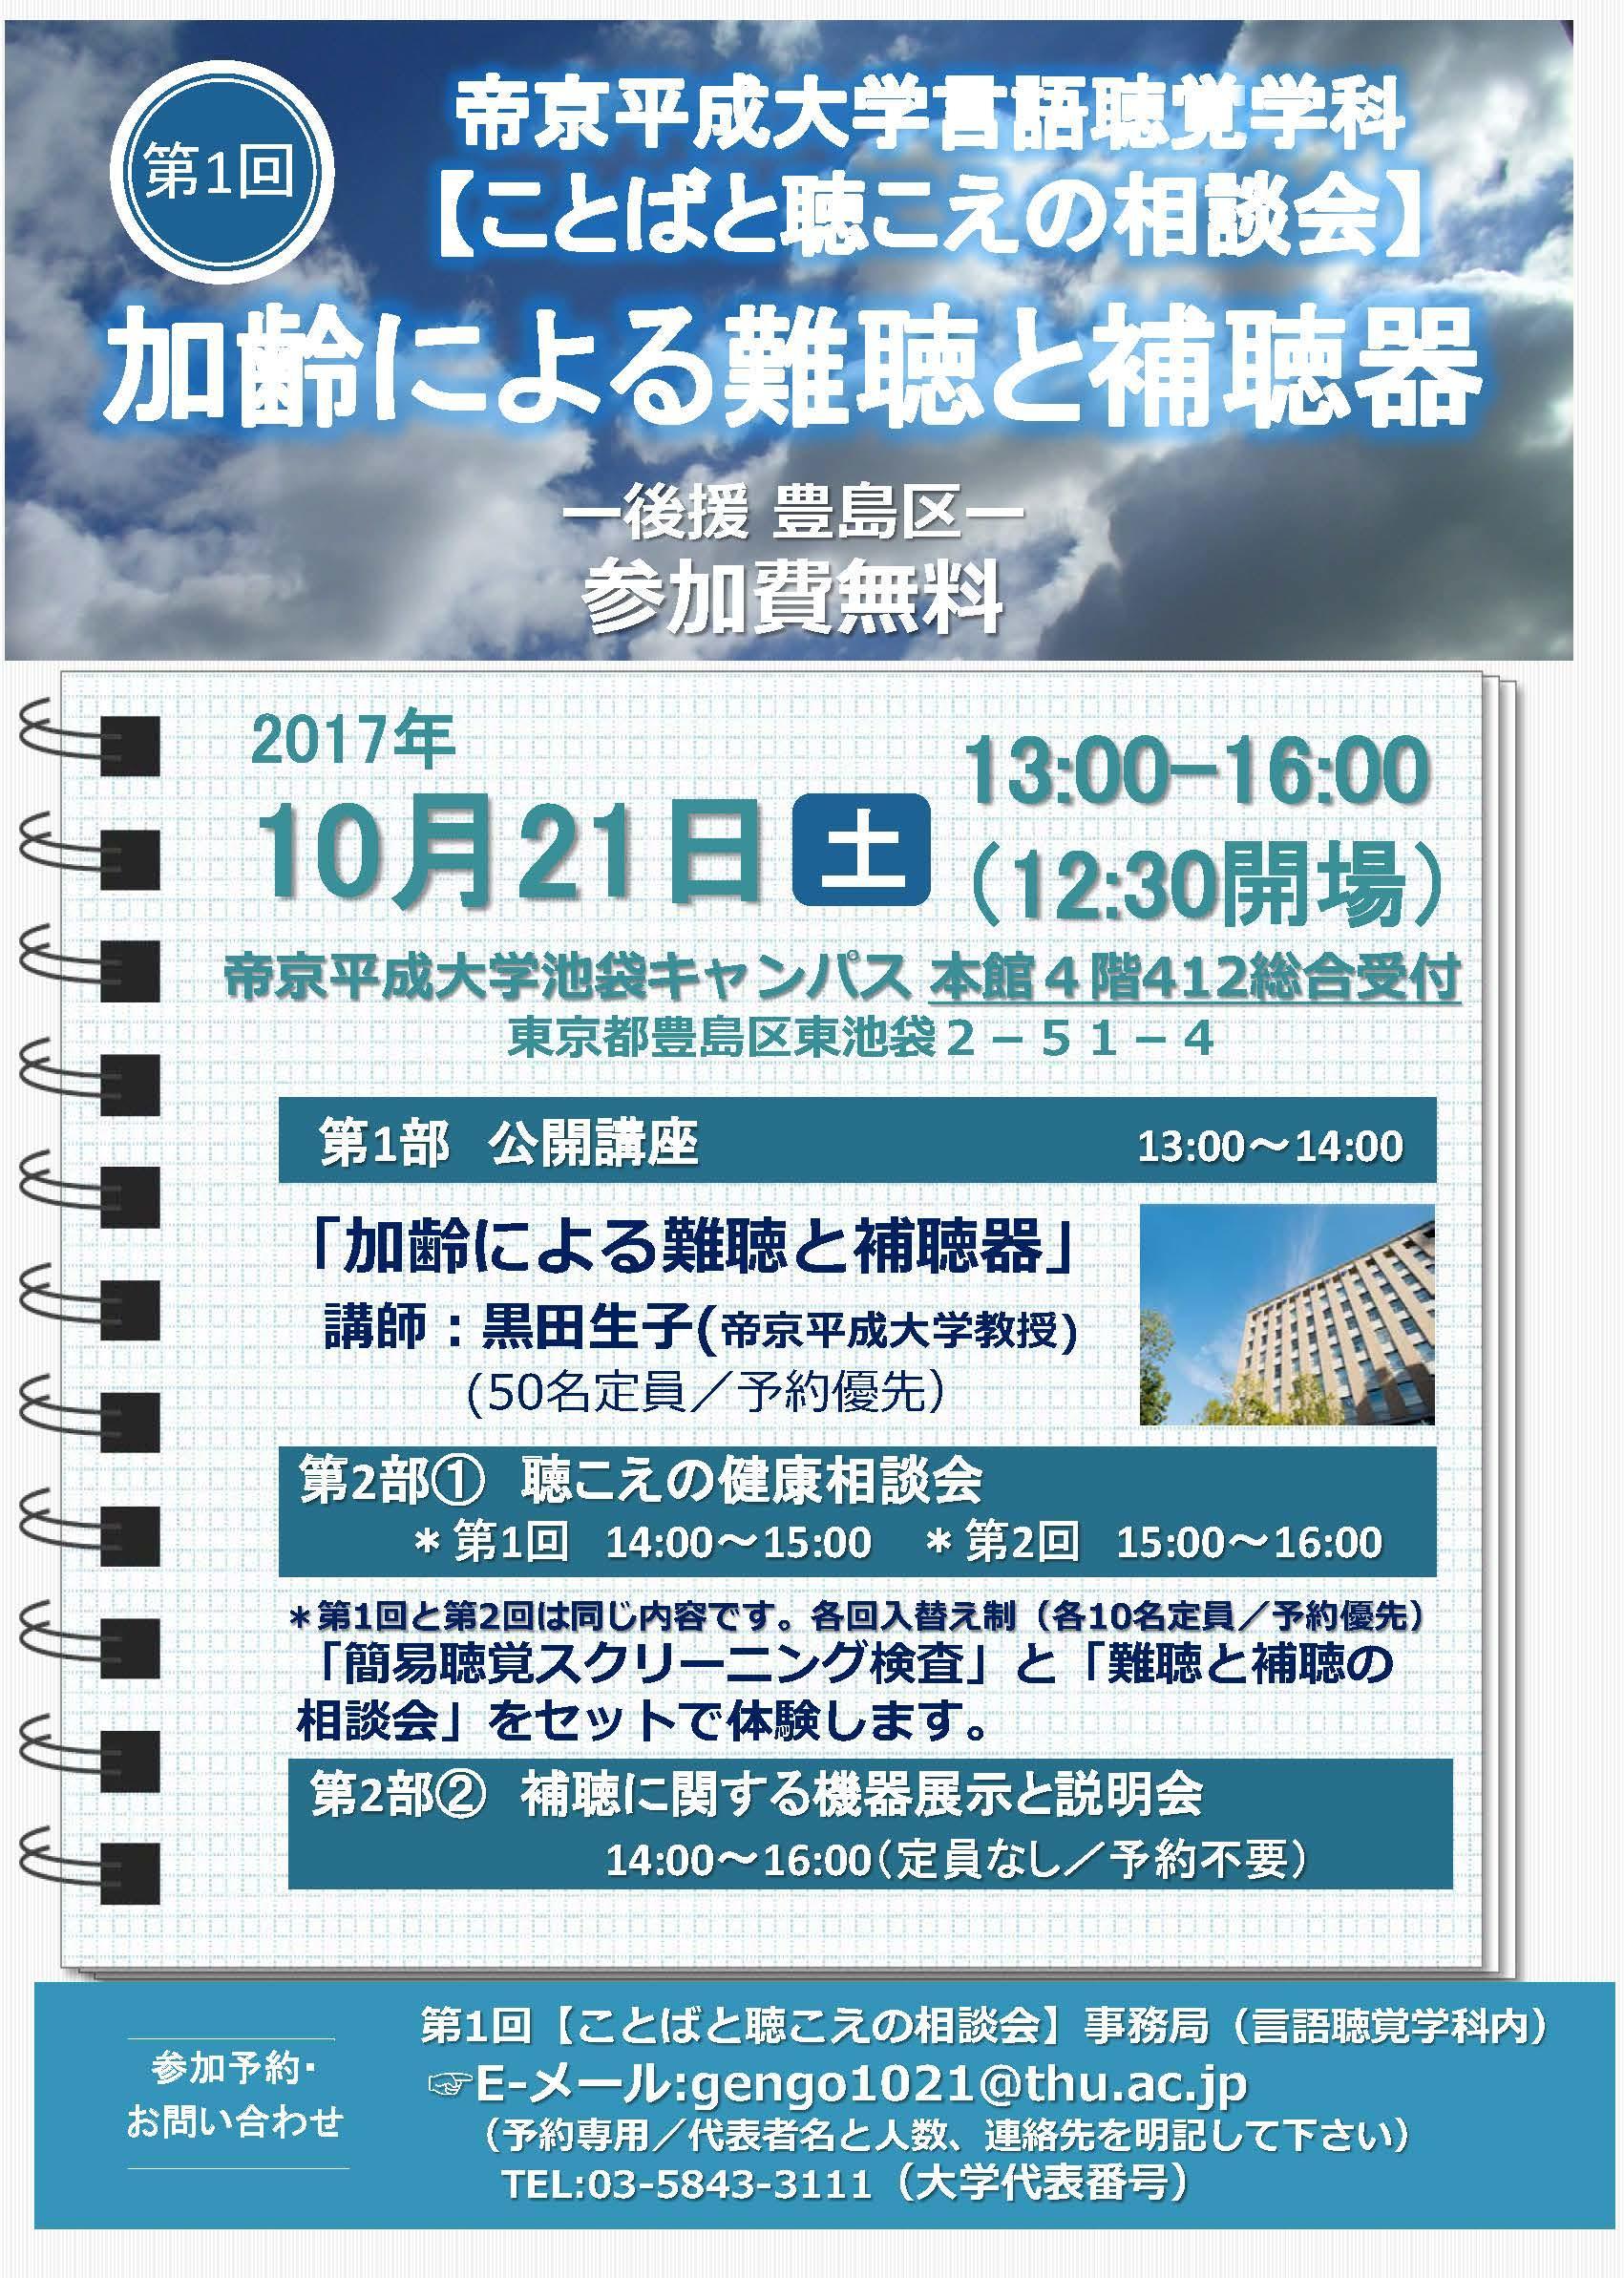 健康メディカル学部言語聴覚学科が「第1回ことばと聴こえの相談会」を10月21日(土)池袋キャンパスにて開催 -- 帝京平成大学